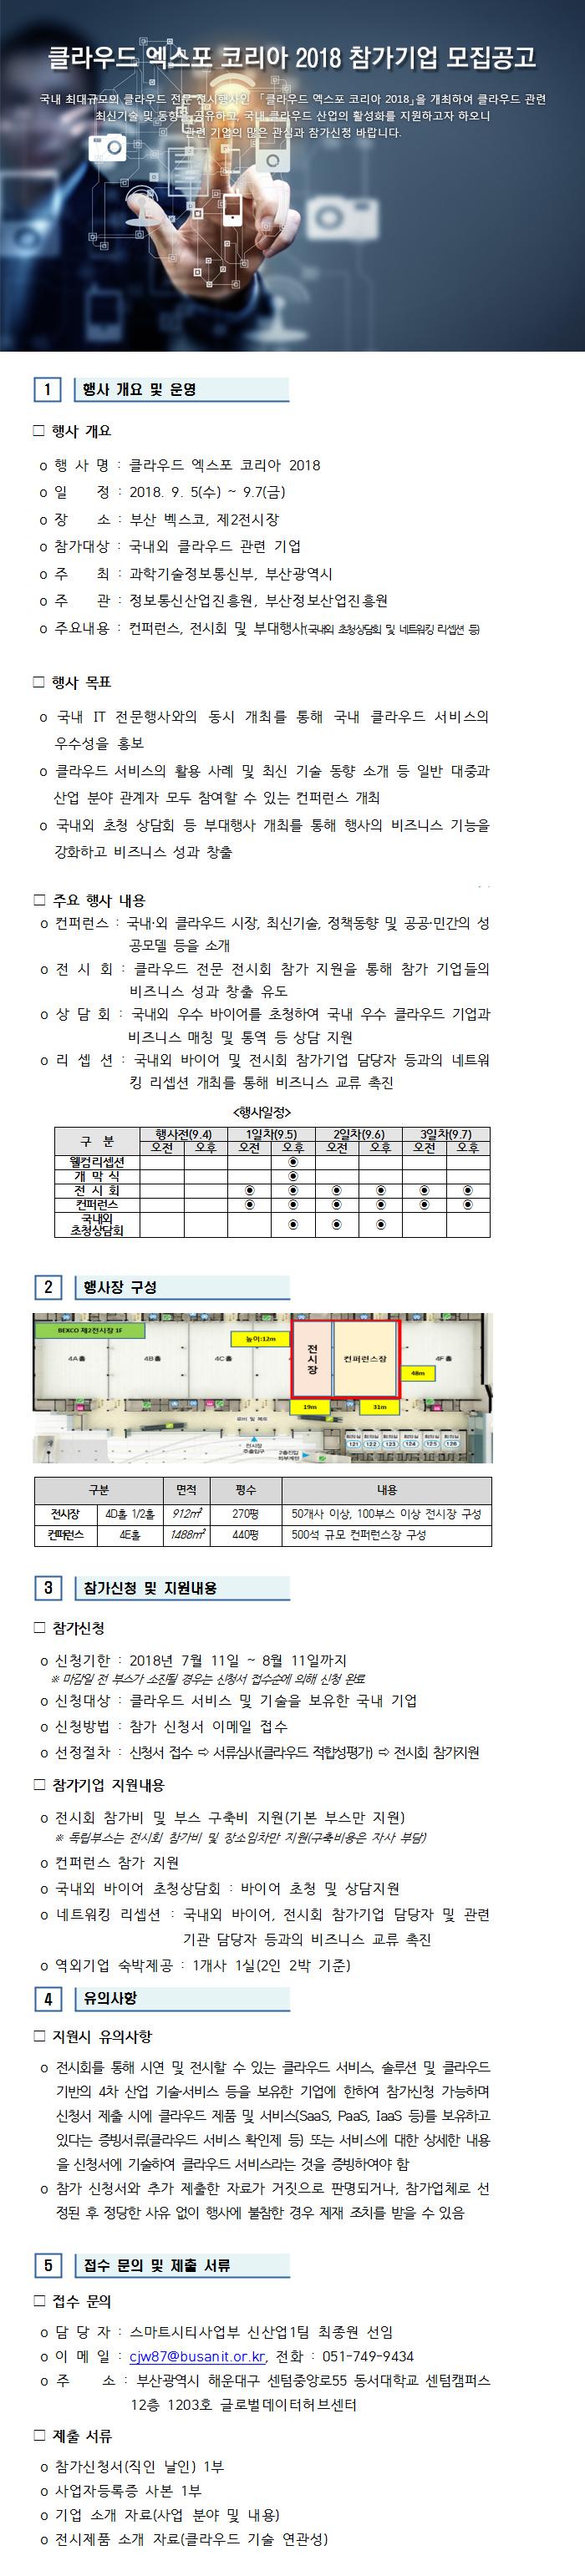 클라우드 엑스포 코리아 2018 참가기업 모집공고